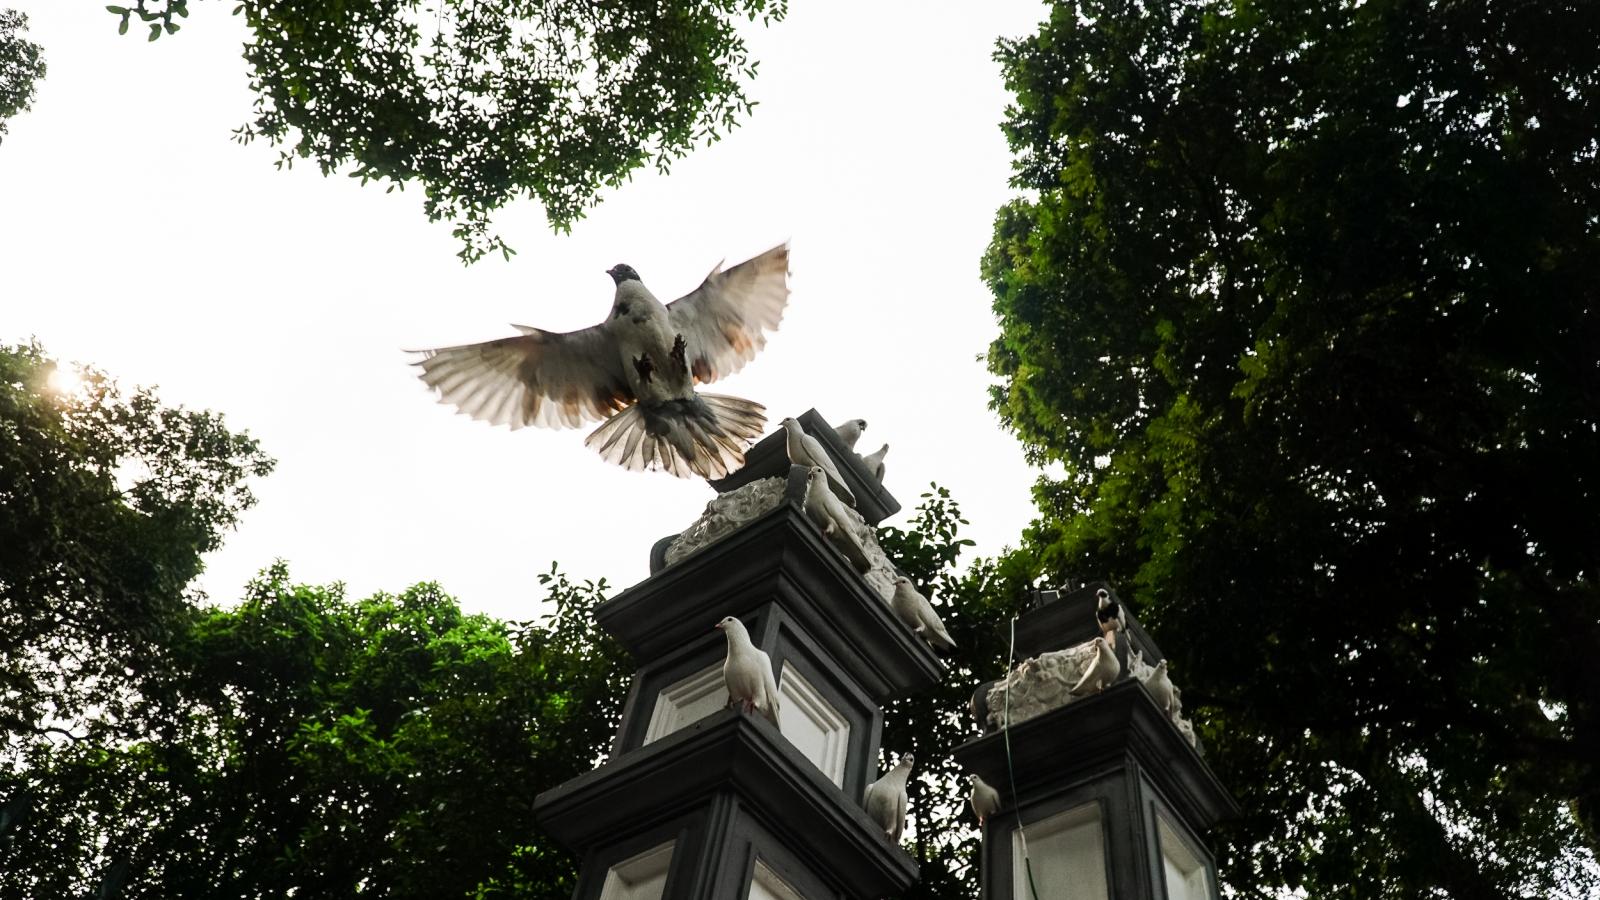 Ngắm đàn chim bồ câu bên hồ Hoàn Kiếm